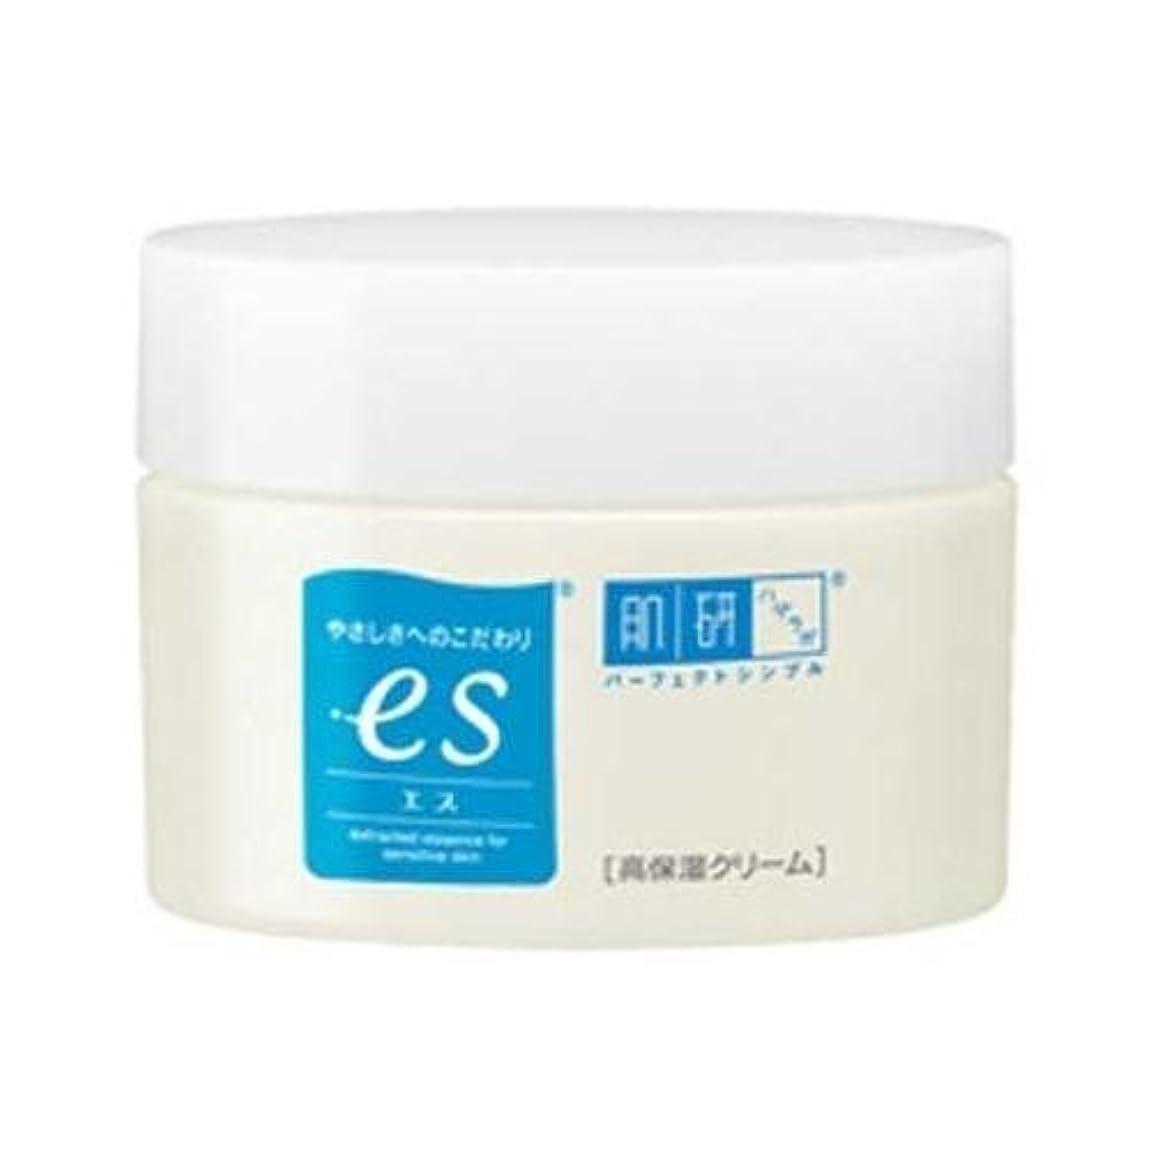 追加花瓶レザー肌ラボ es(エス) ナノ化ミネラルヒアルロン酸配合 無添加処方 高保湿クリーム 50g